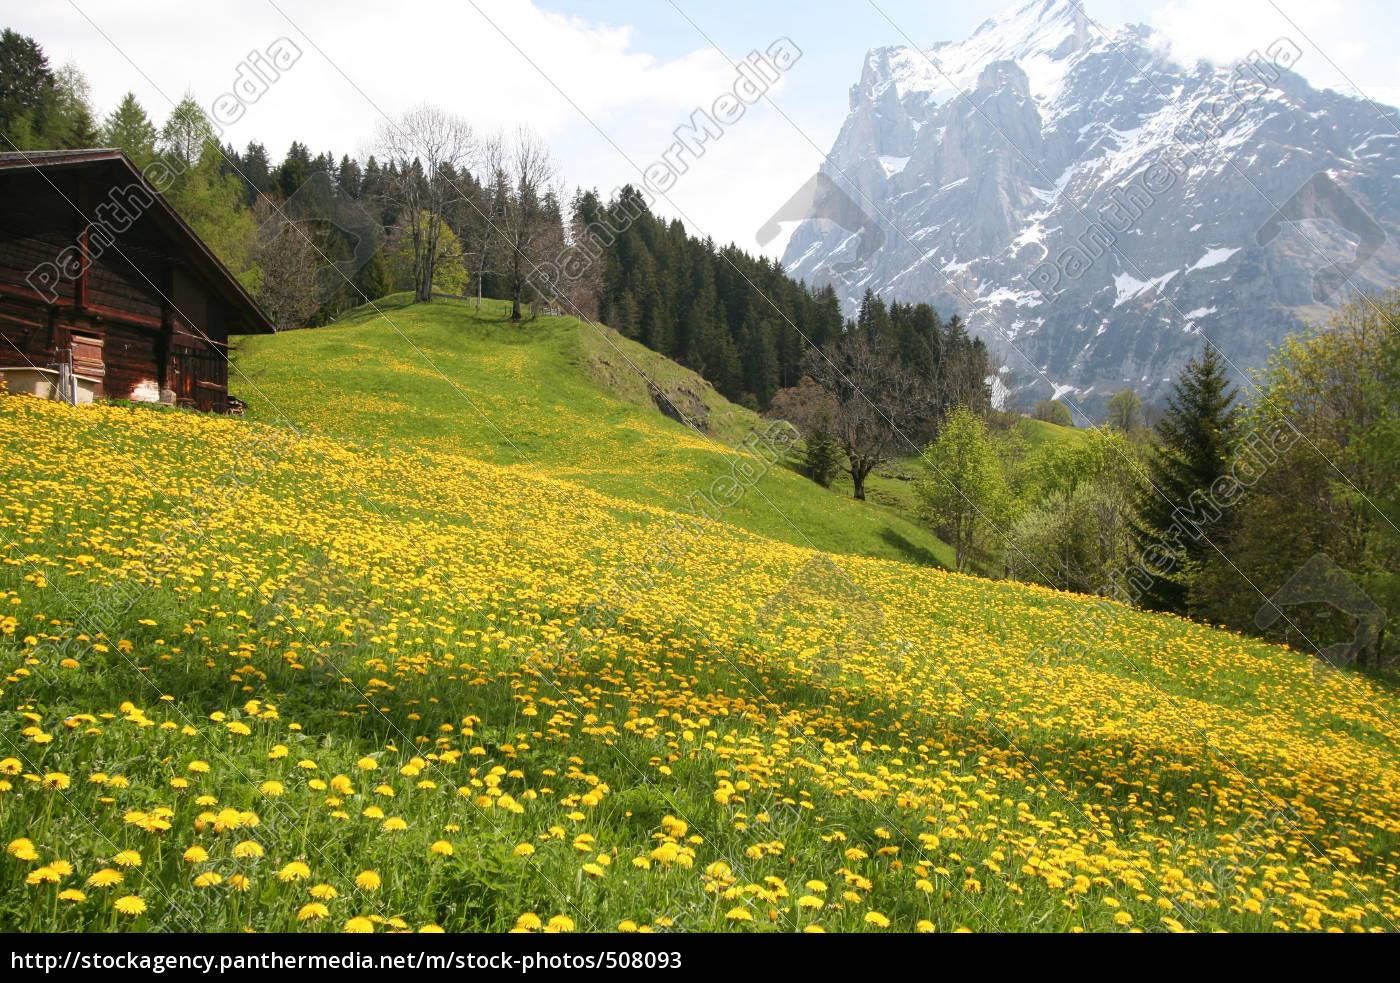 alpine, meadow - 508093